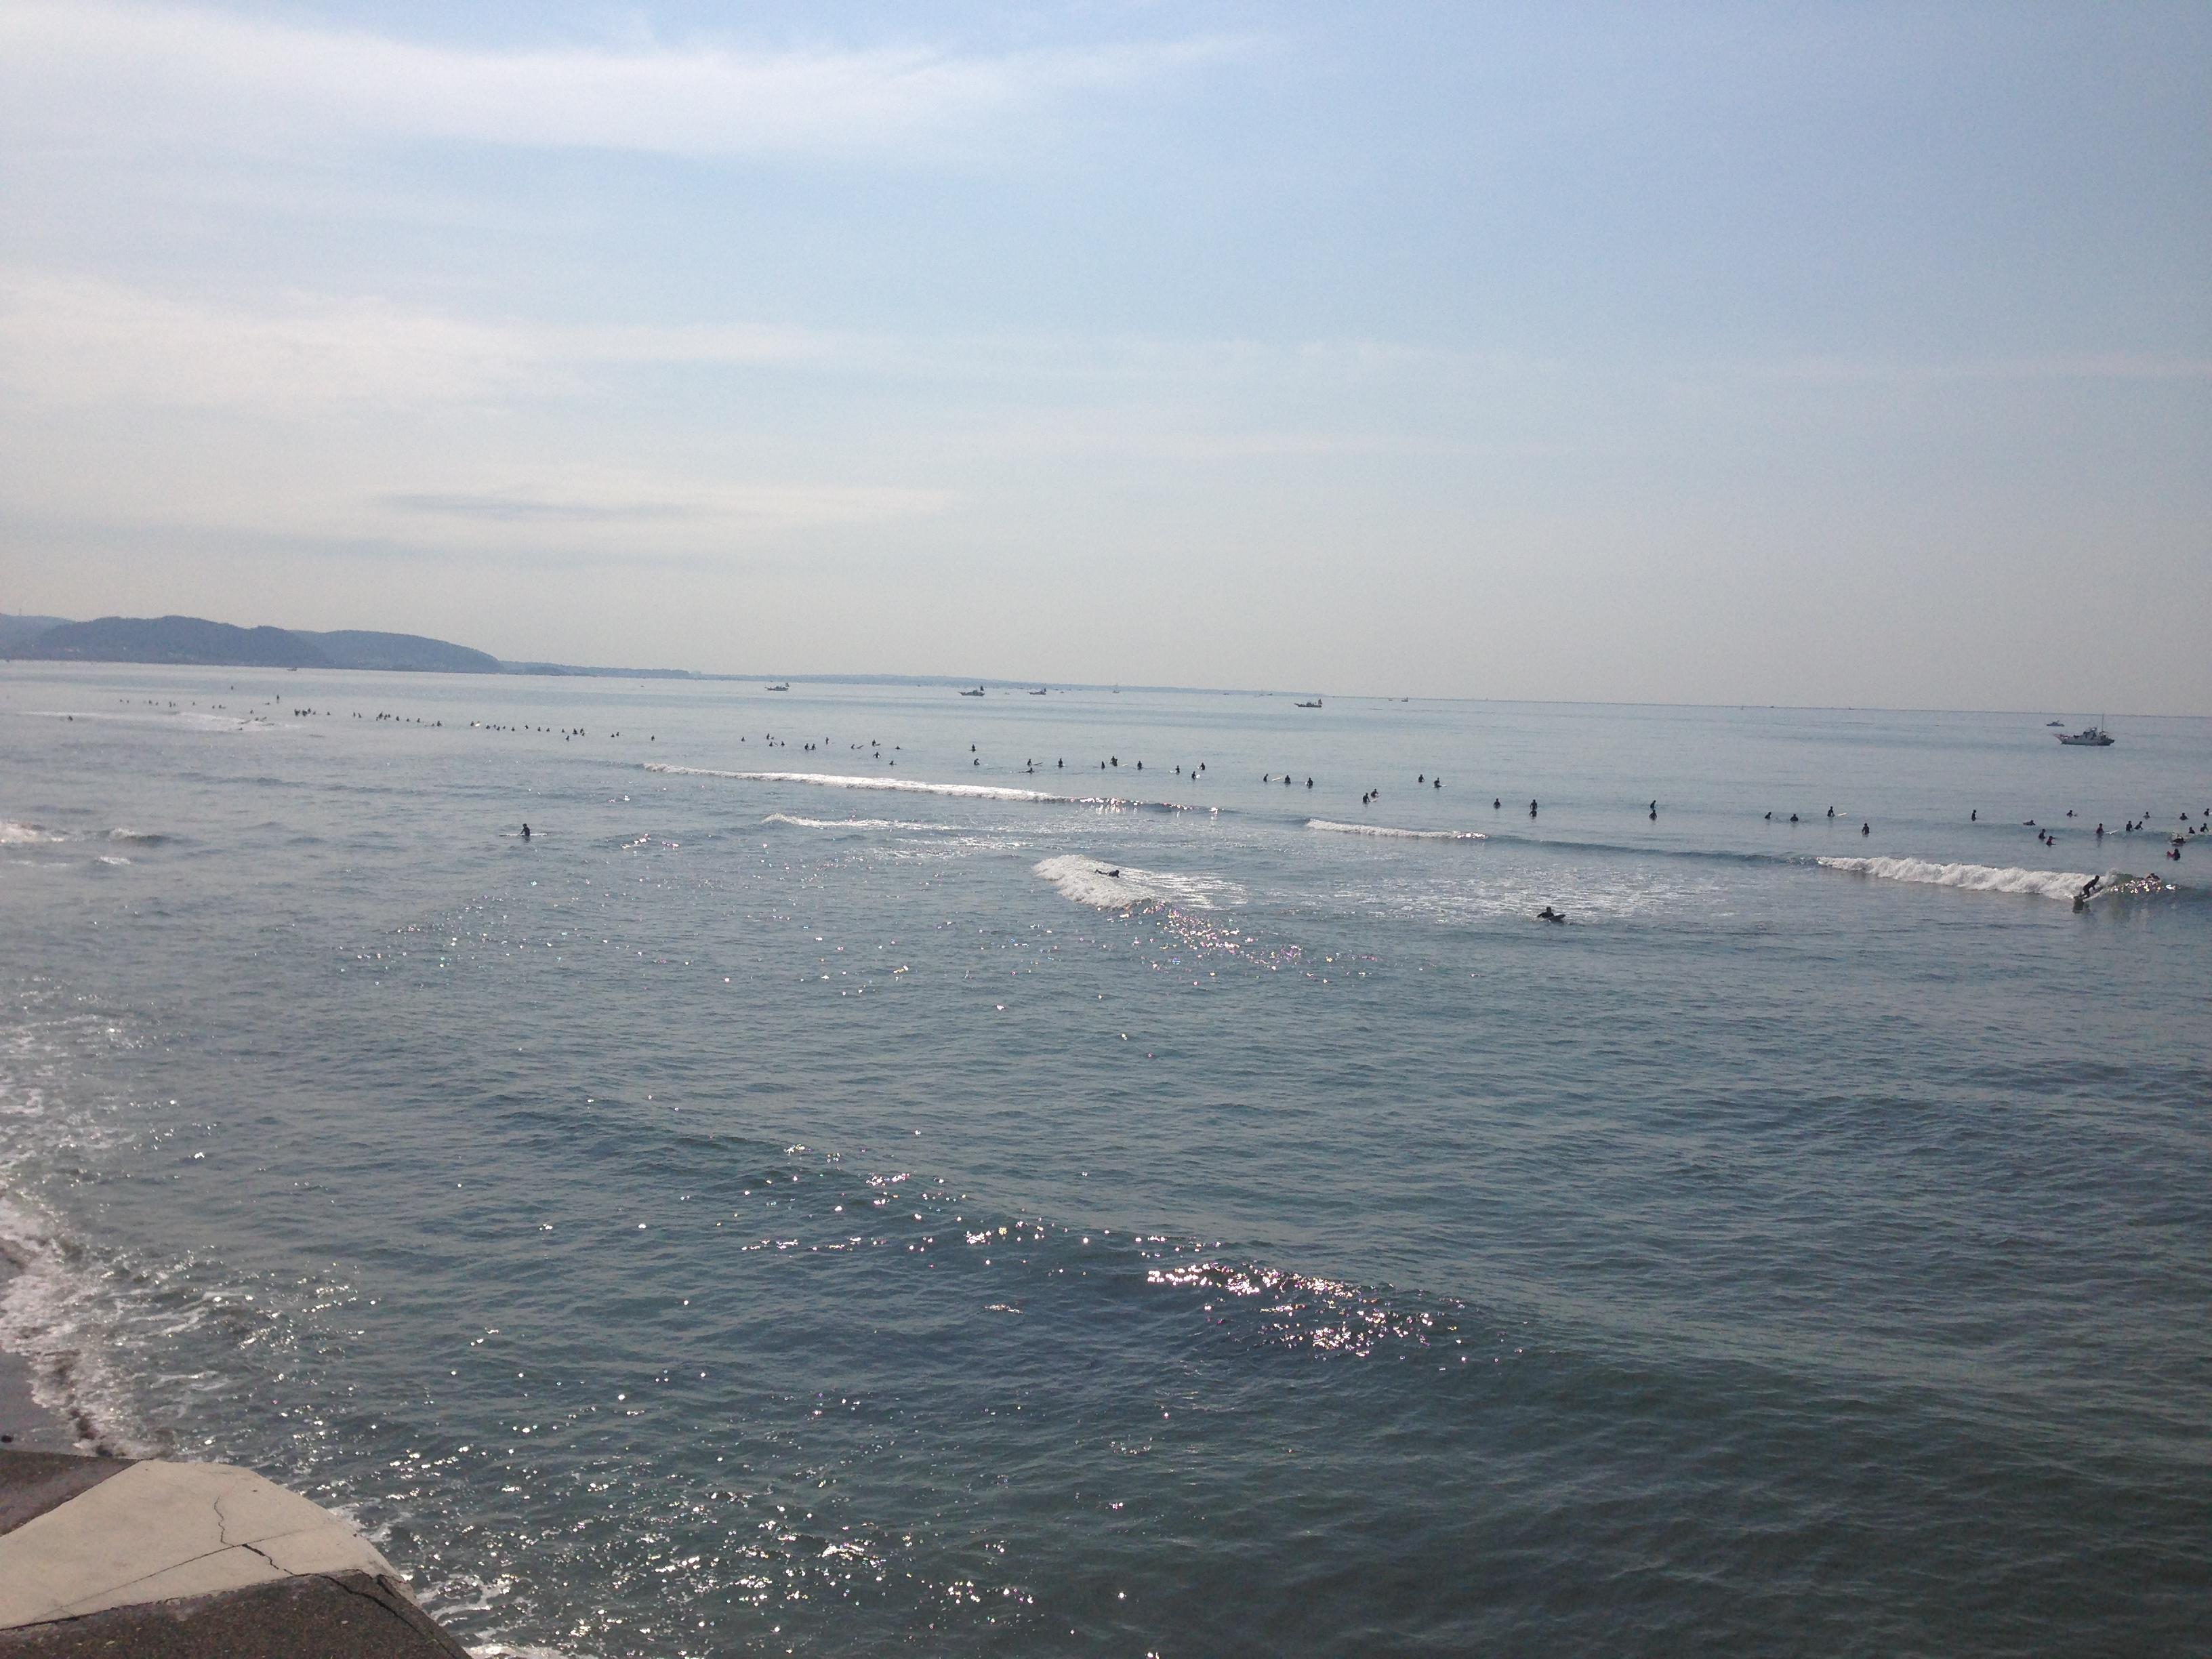 【2019.5.22-23】湘南は明日も遊べる波、千葉も次第にまとまりそう